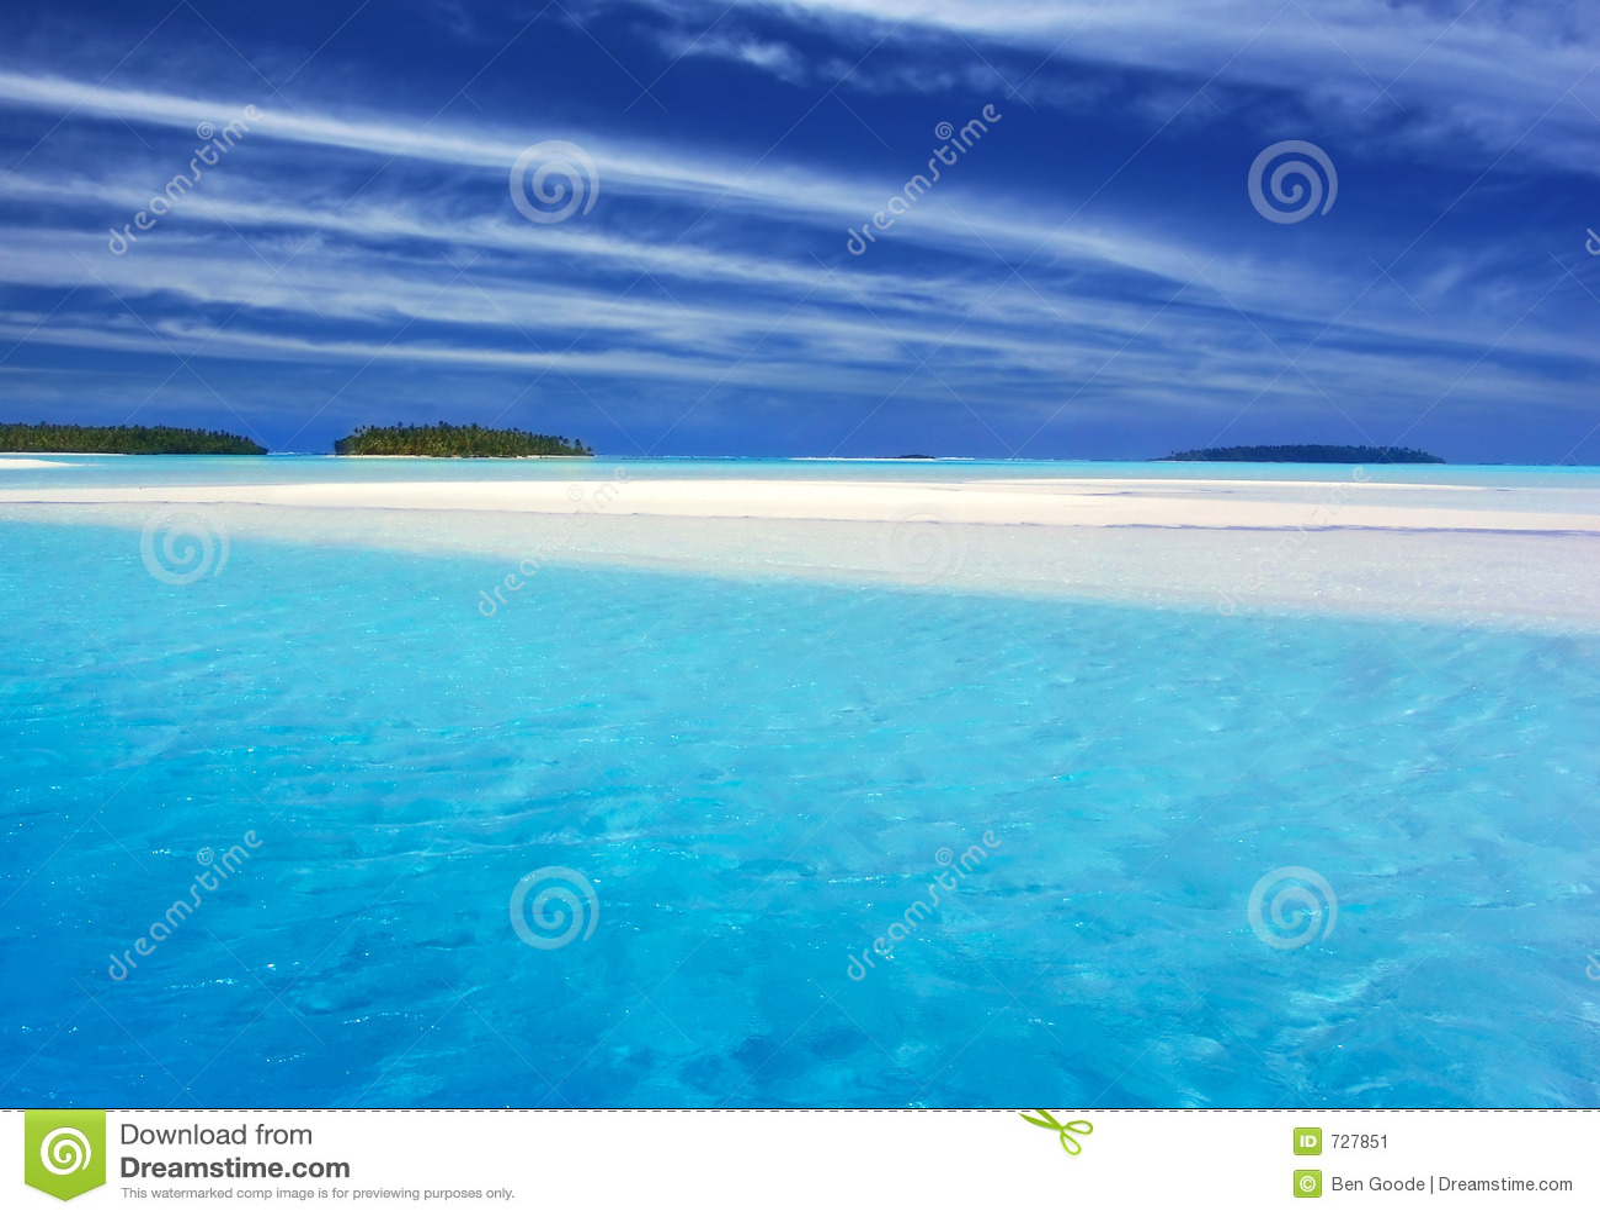 Lagune II de turquoise